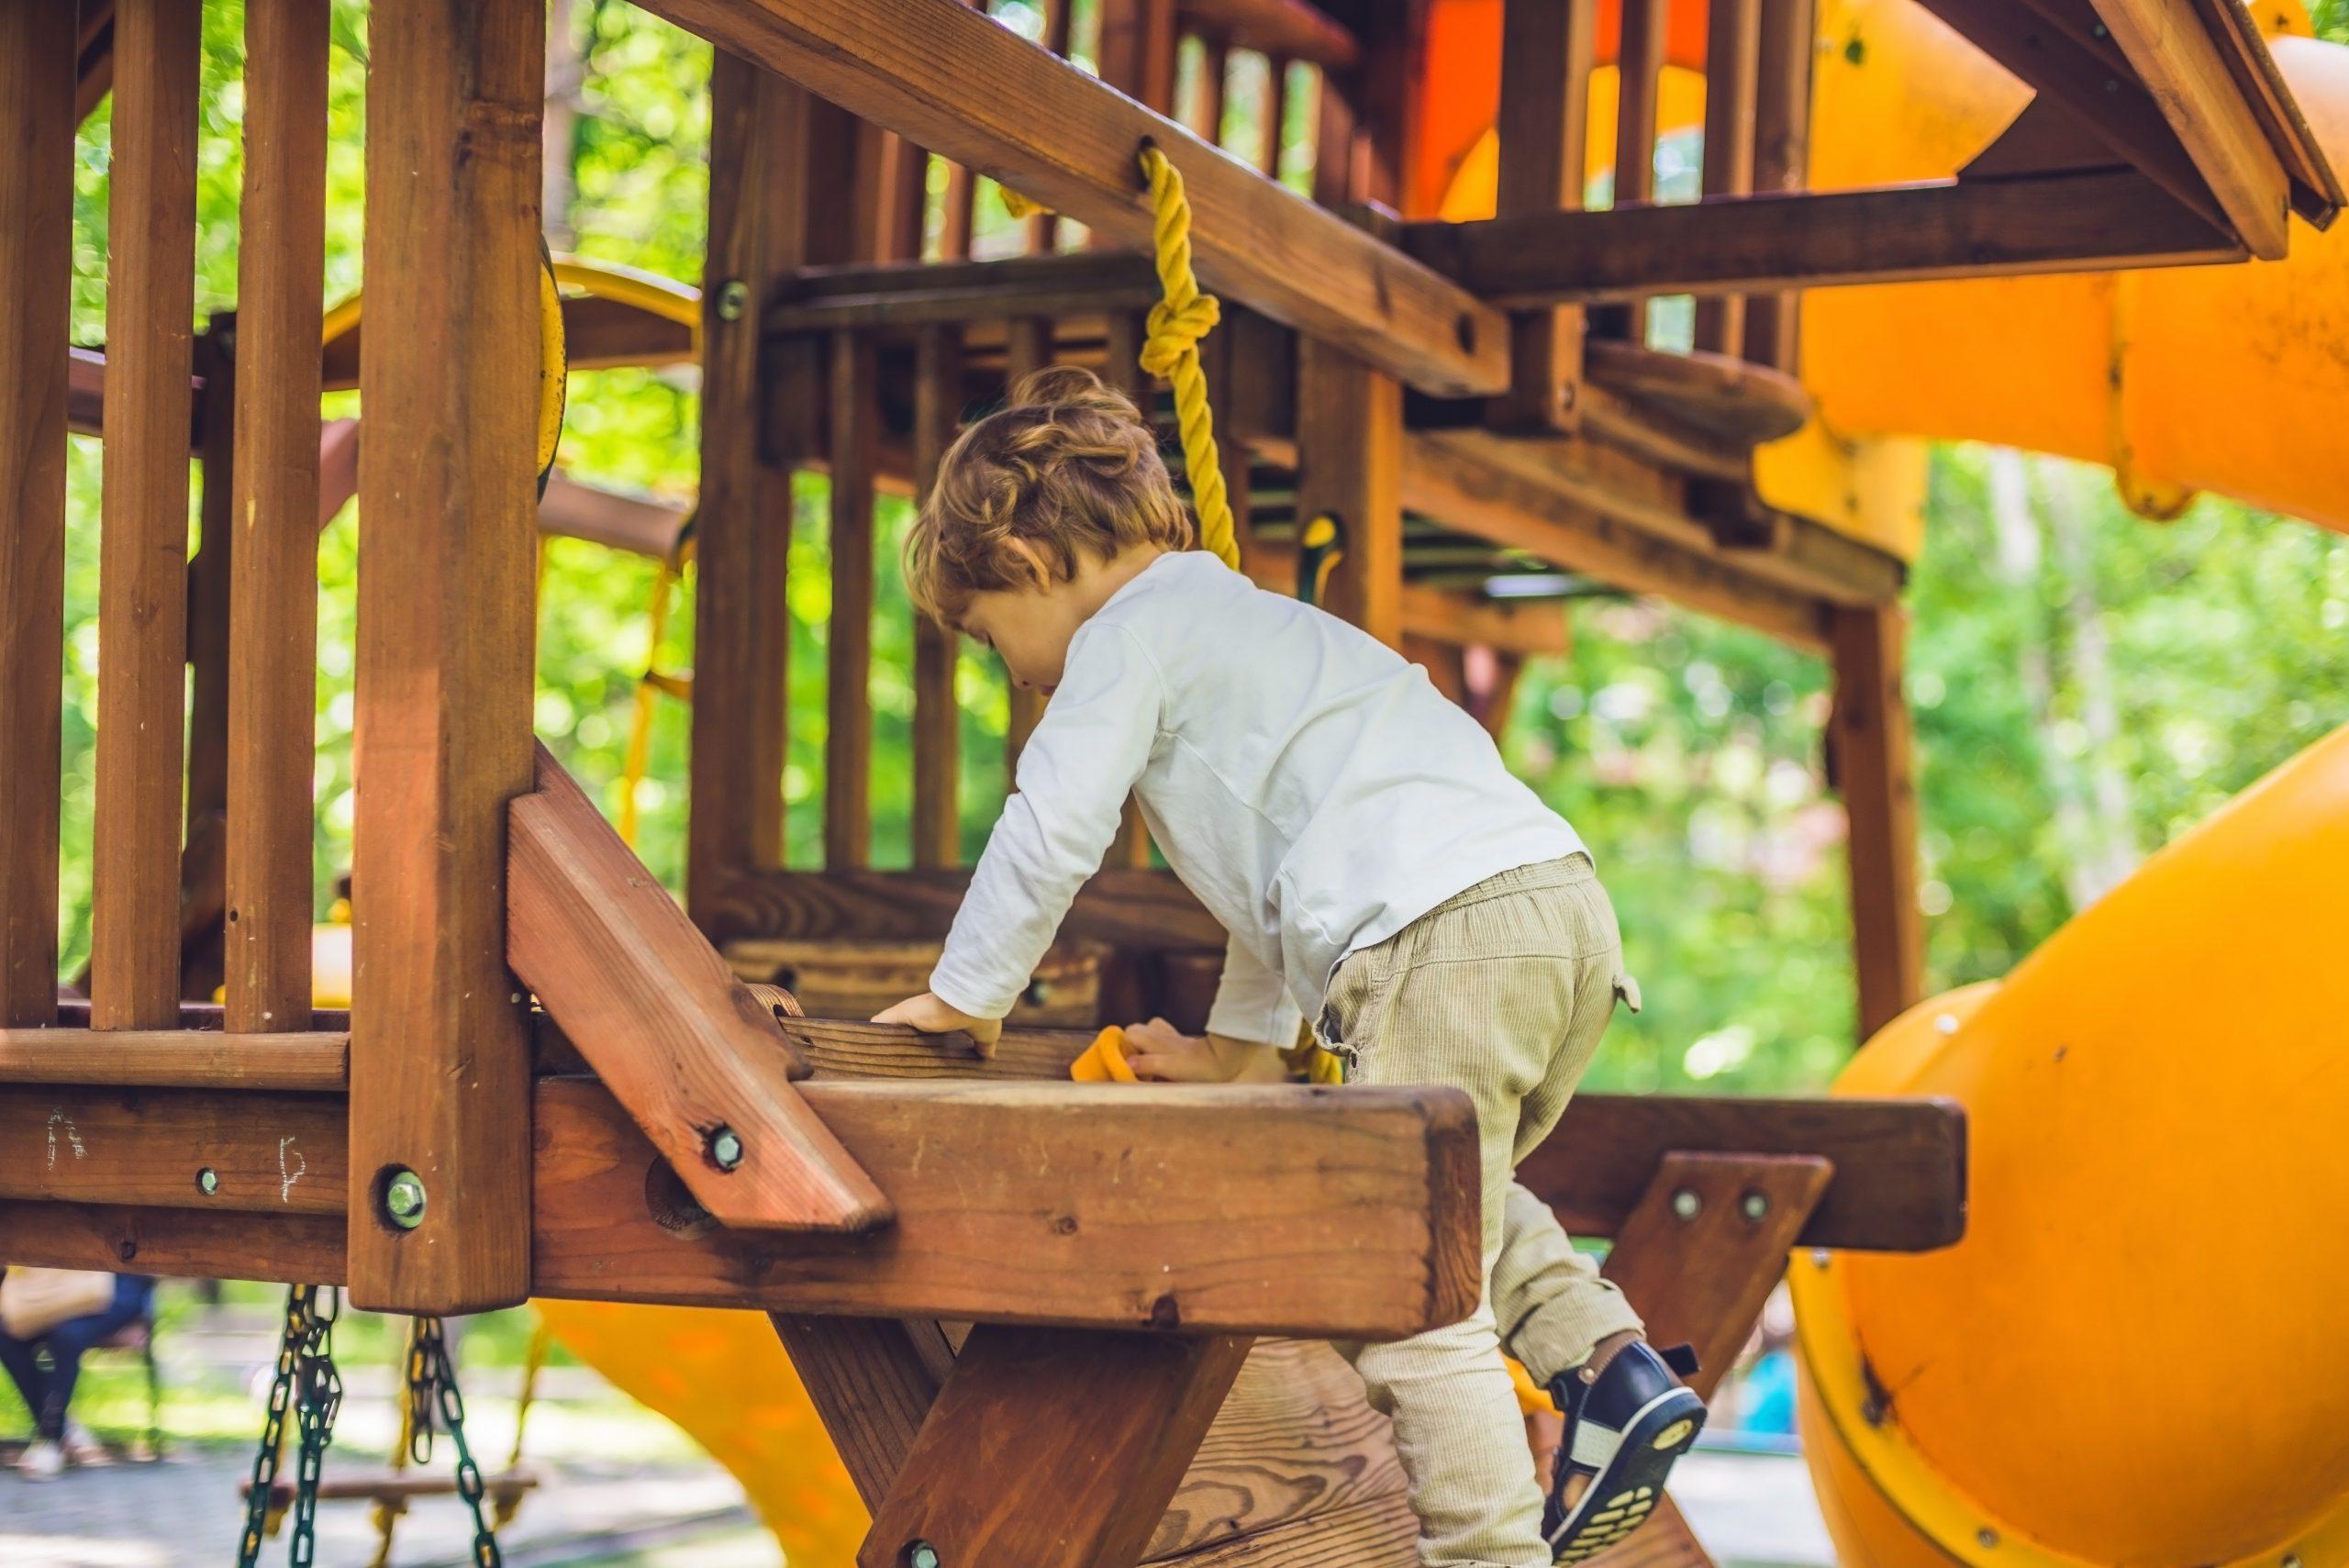 Jak sprawić dziecku radość przy przeprowadzce do nowego domu?